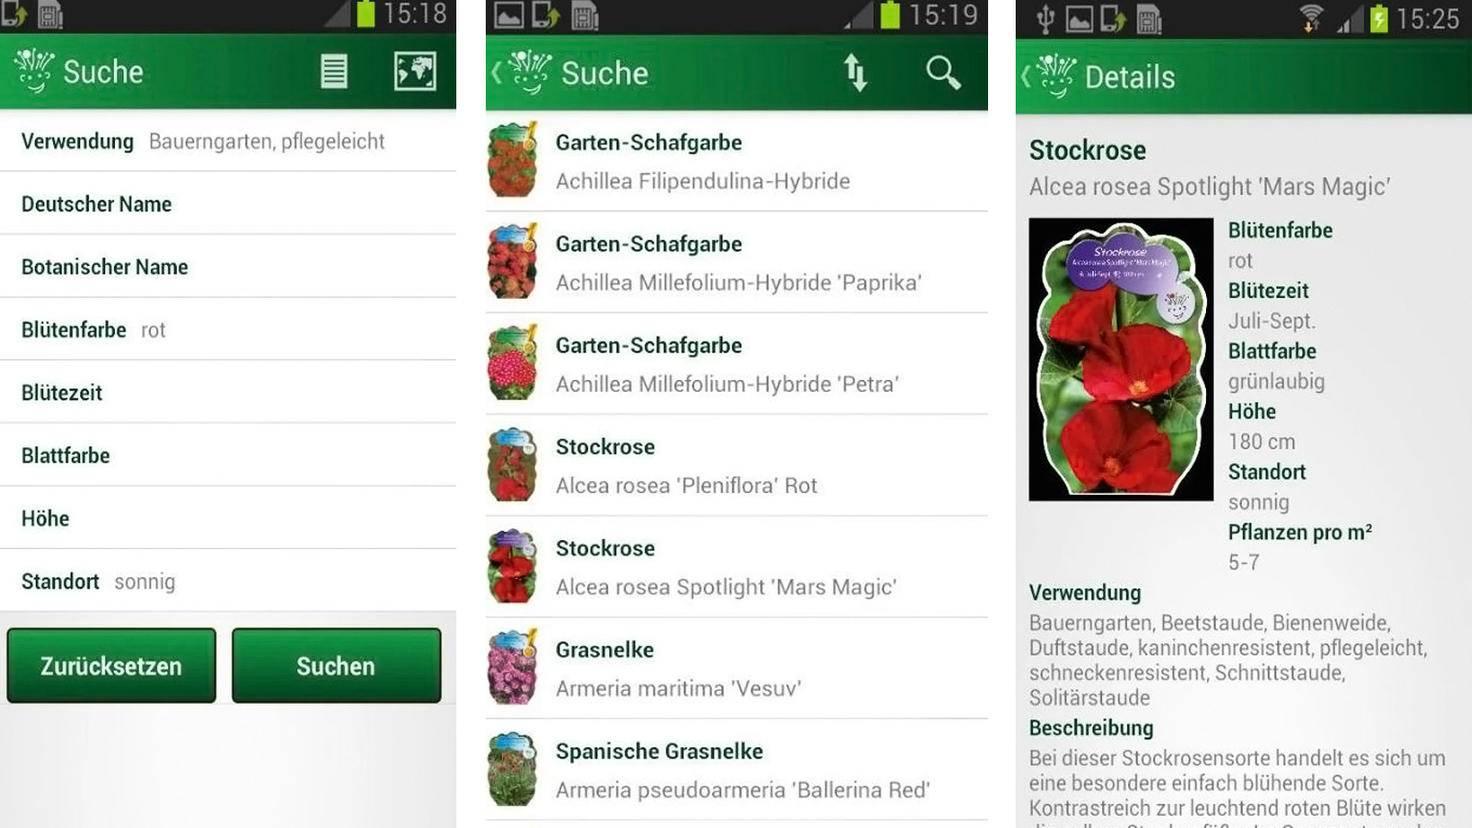 Stauden Ratgeber App-Google Play Store-Ralf Köster